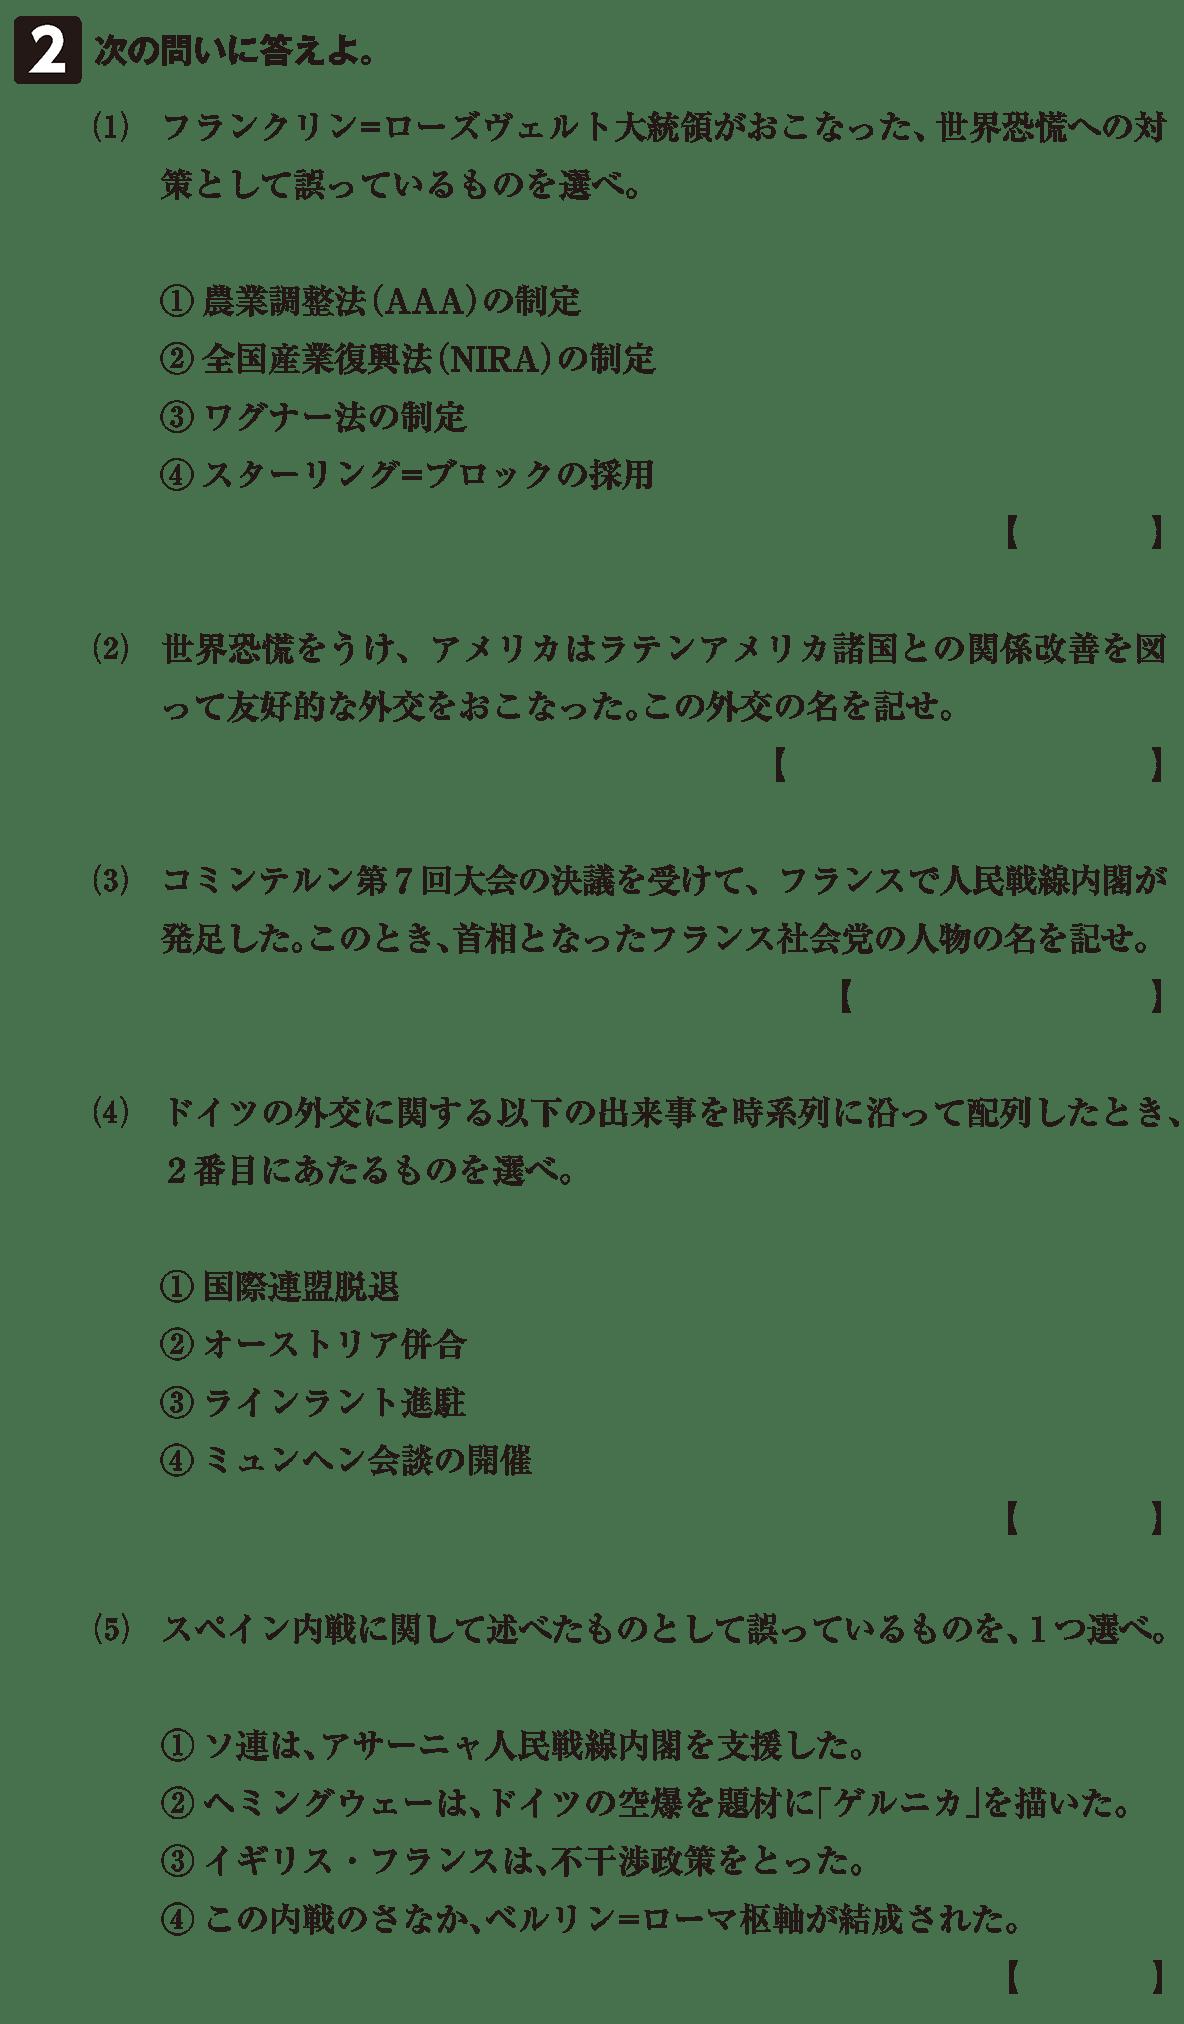 世界恐慌とファシズム諸国の侵略9 確認テスト(後半)